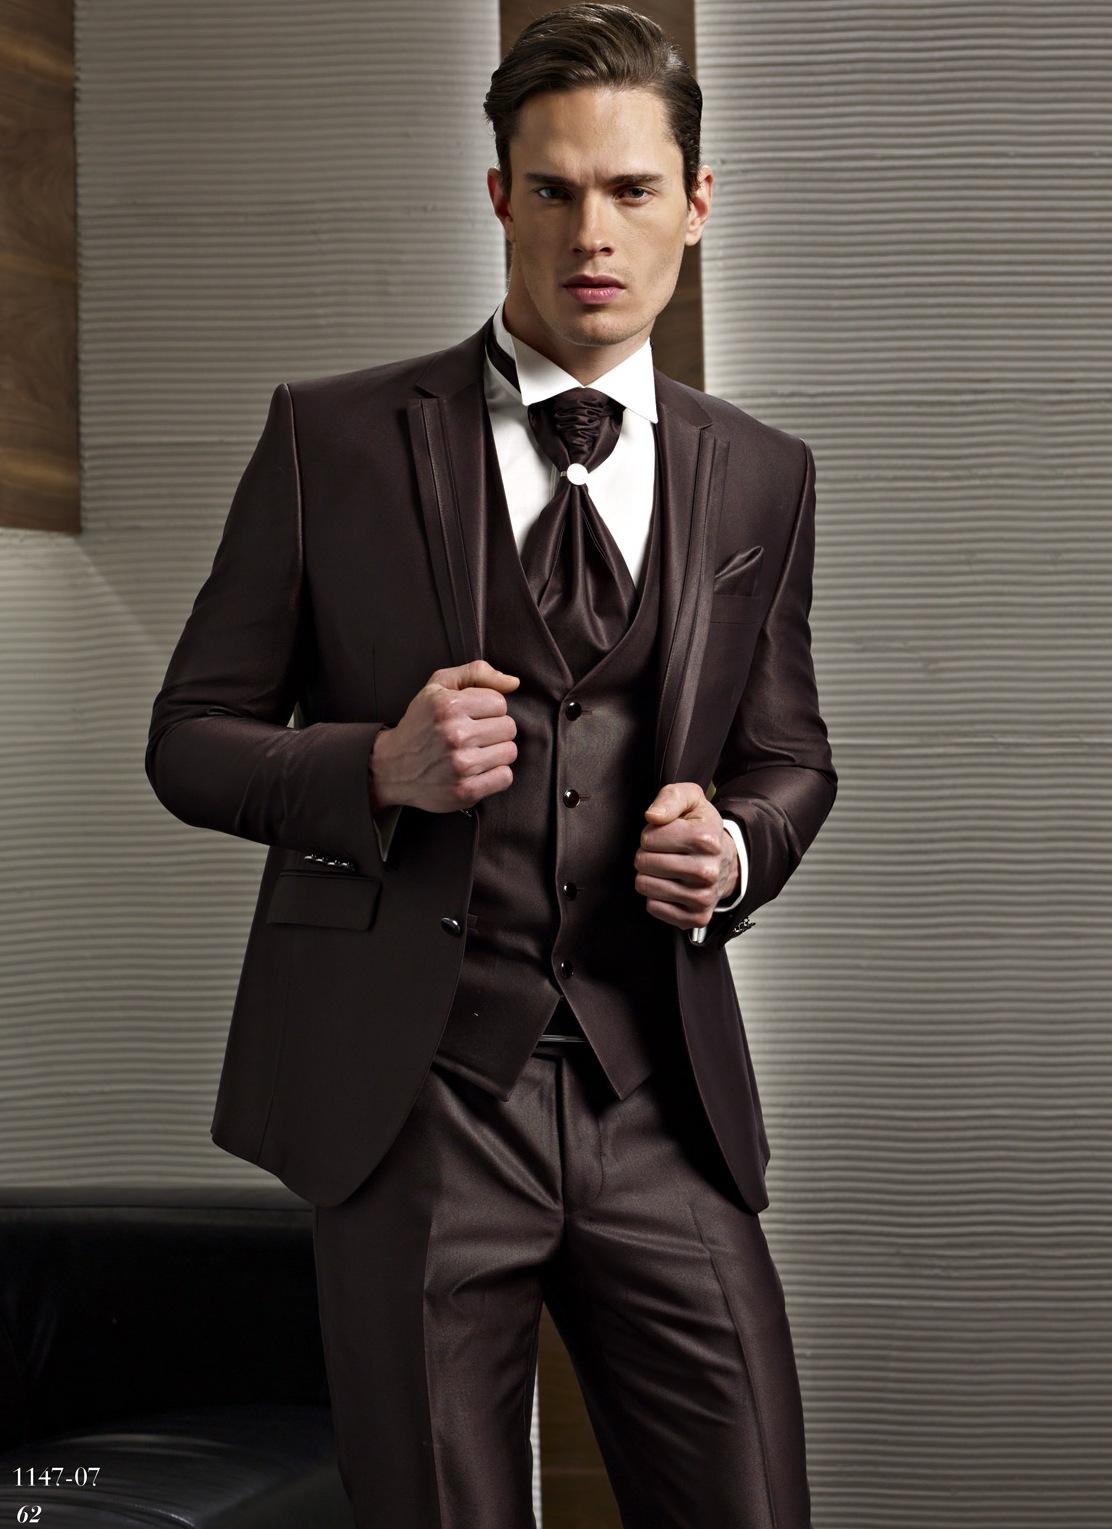 костюмы мужские классические фото | Фотоархив